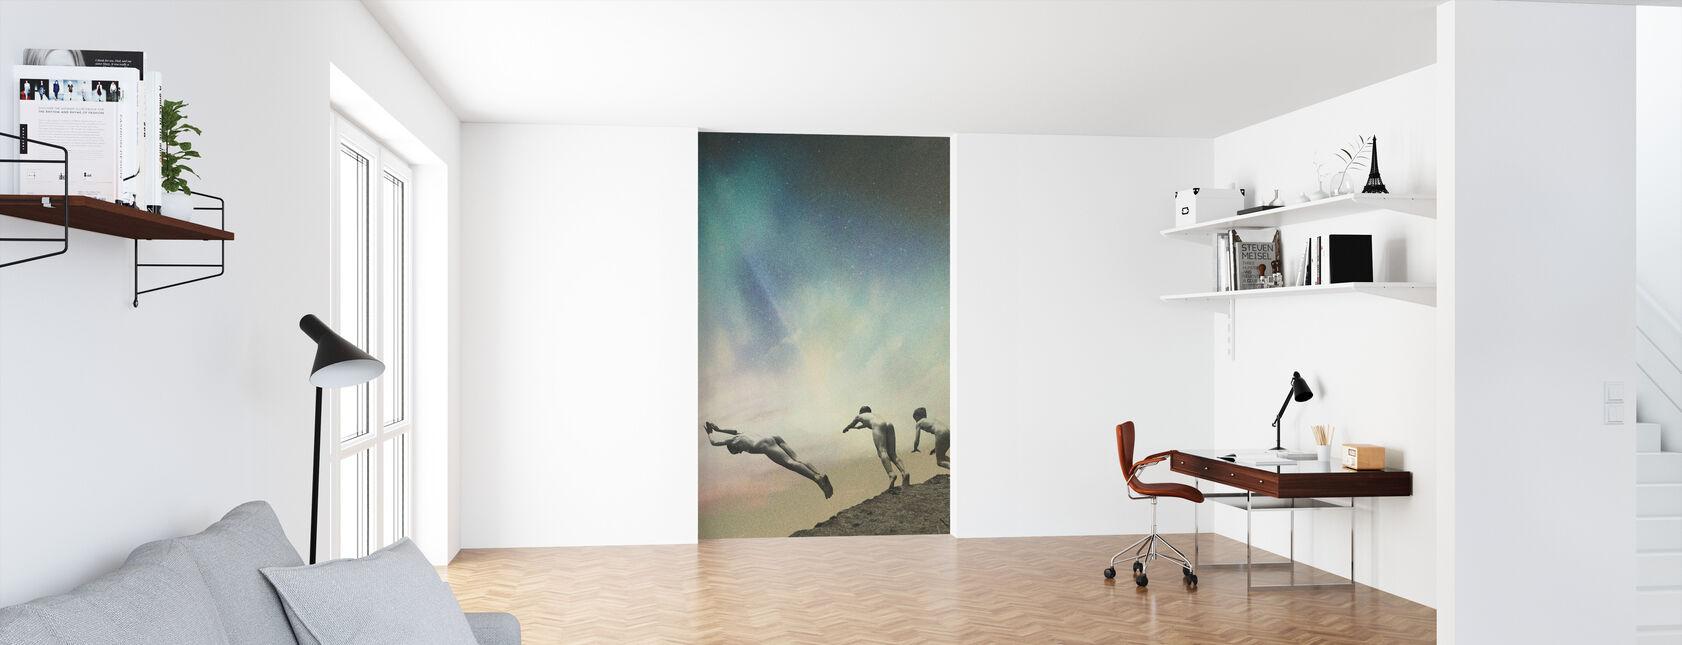 Kids - Wallpaper - Office